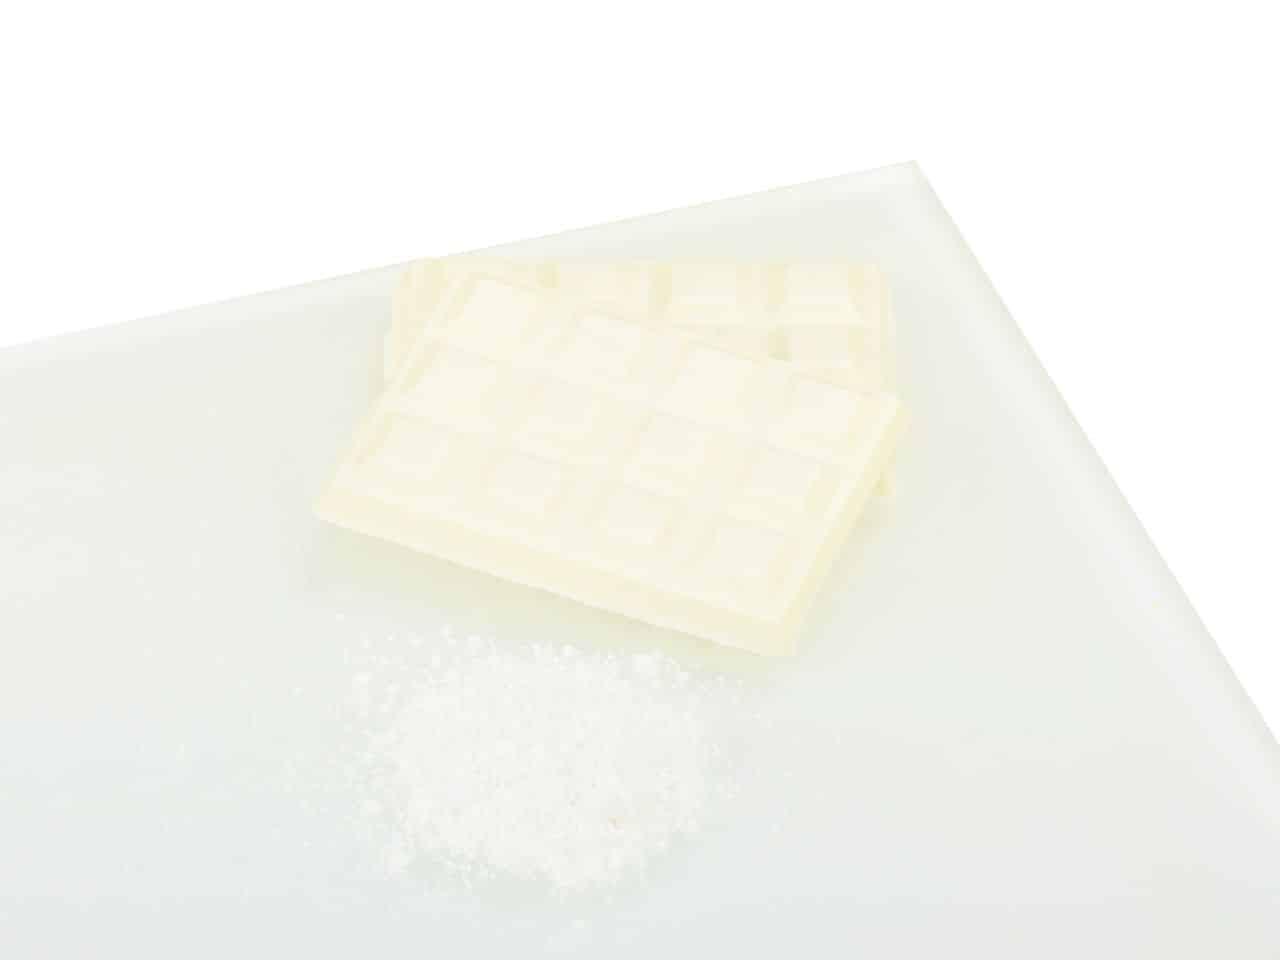 Lebensmittelfarbe Pulver weiß 20 g